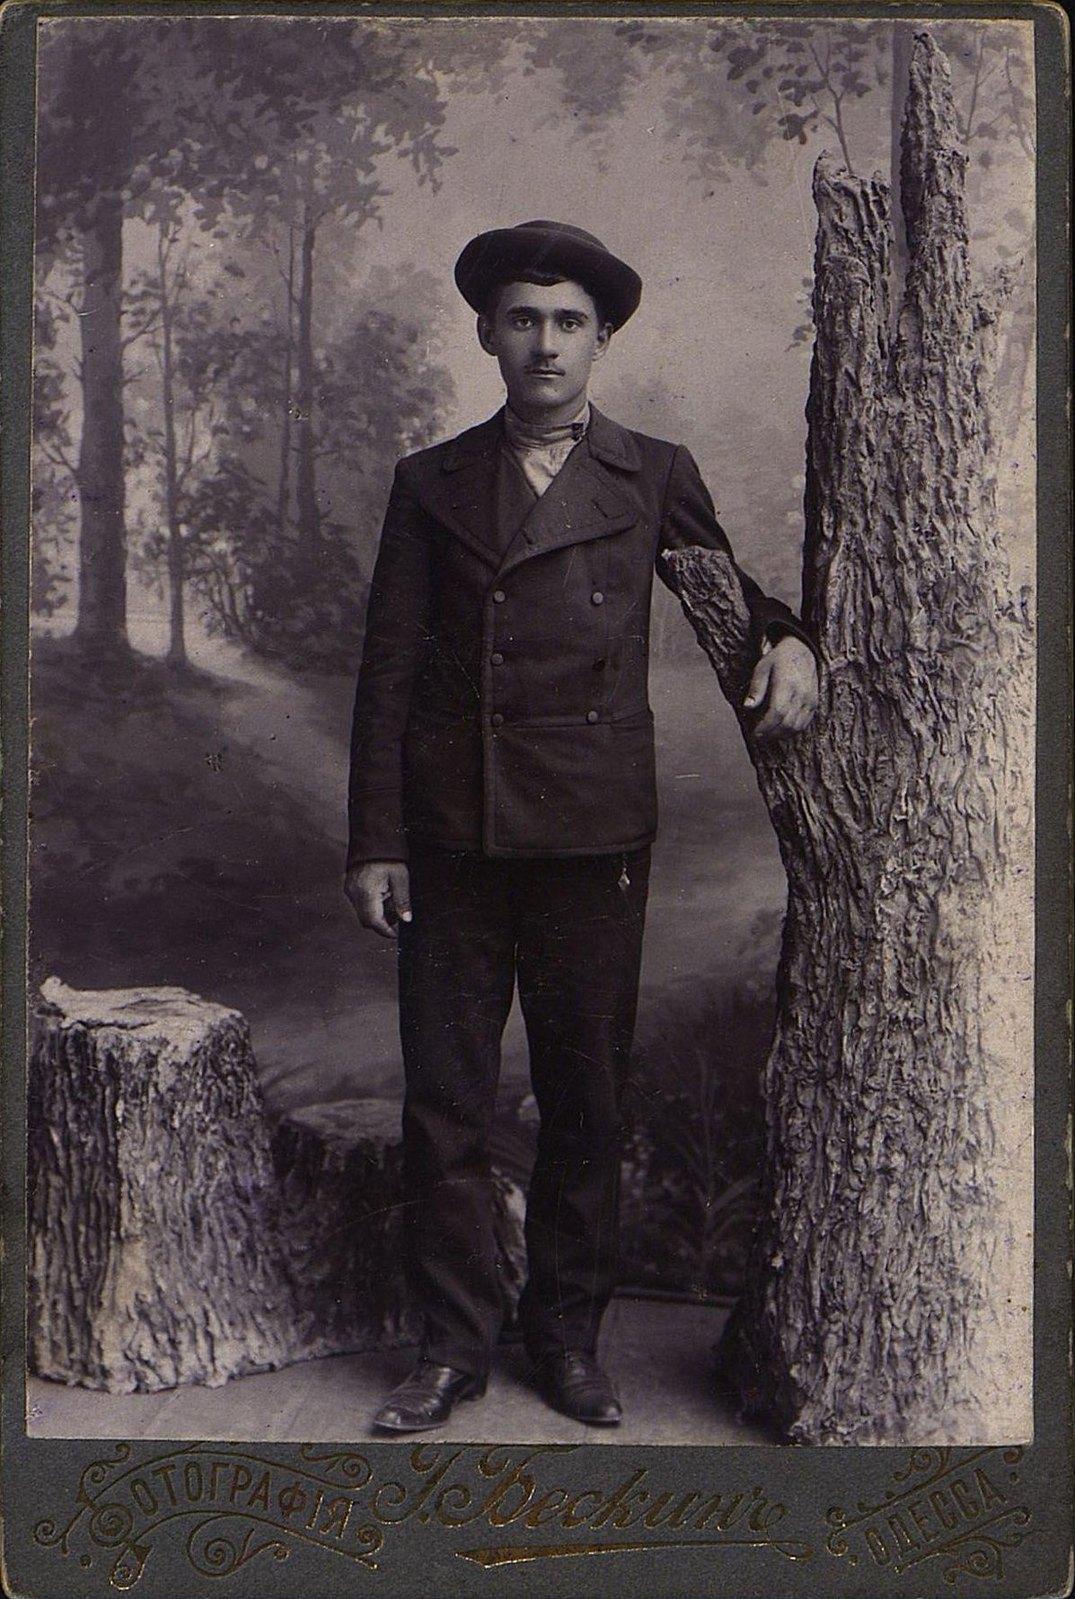 Подлубный Александр Савельевич, слесарь завода Гена. Фотография Г. Бескина. 1900-е